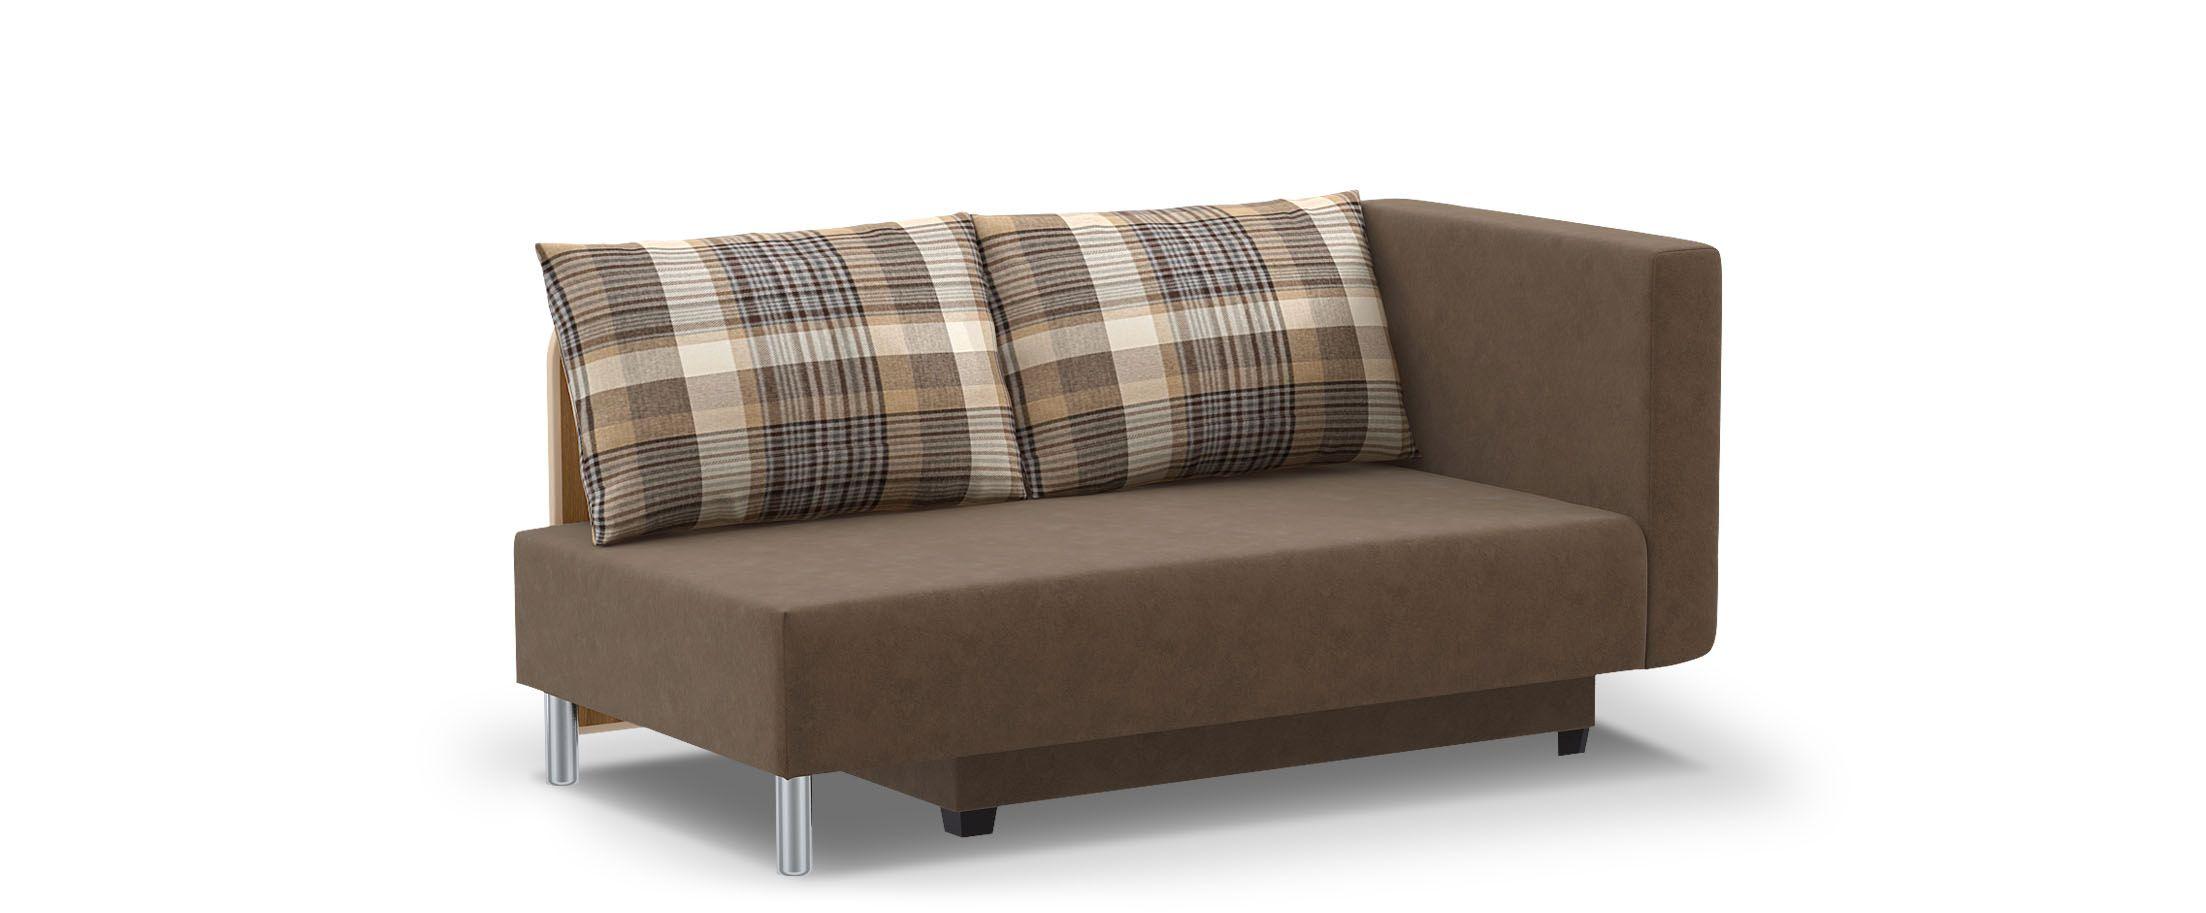 Диван прямой еврокнижка Лион 060Гостевой вариант и полноценное спальное место. Размеры 155х84х79 см. Купить коричневый диван еврокнижка с правым подлокотником в интернет-магазине MOON-TRADE.RU.<br>